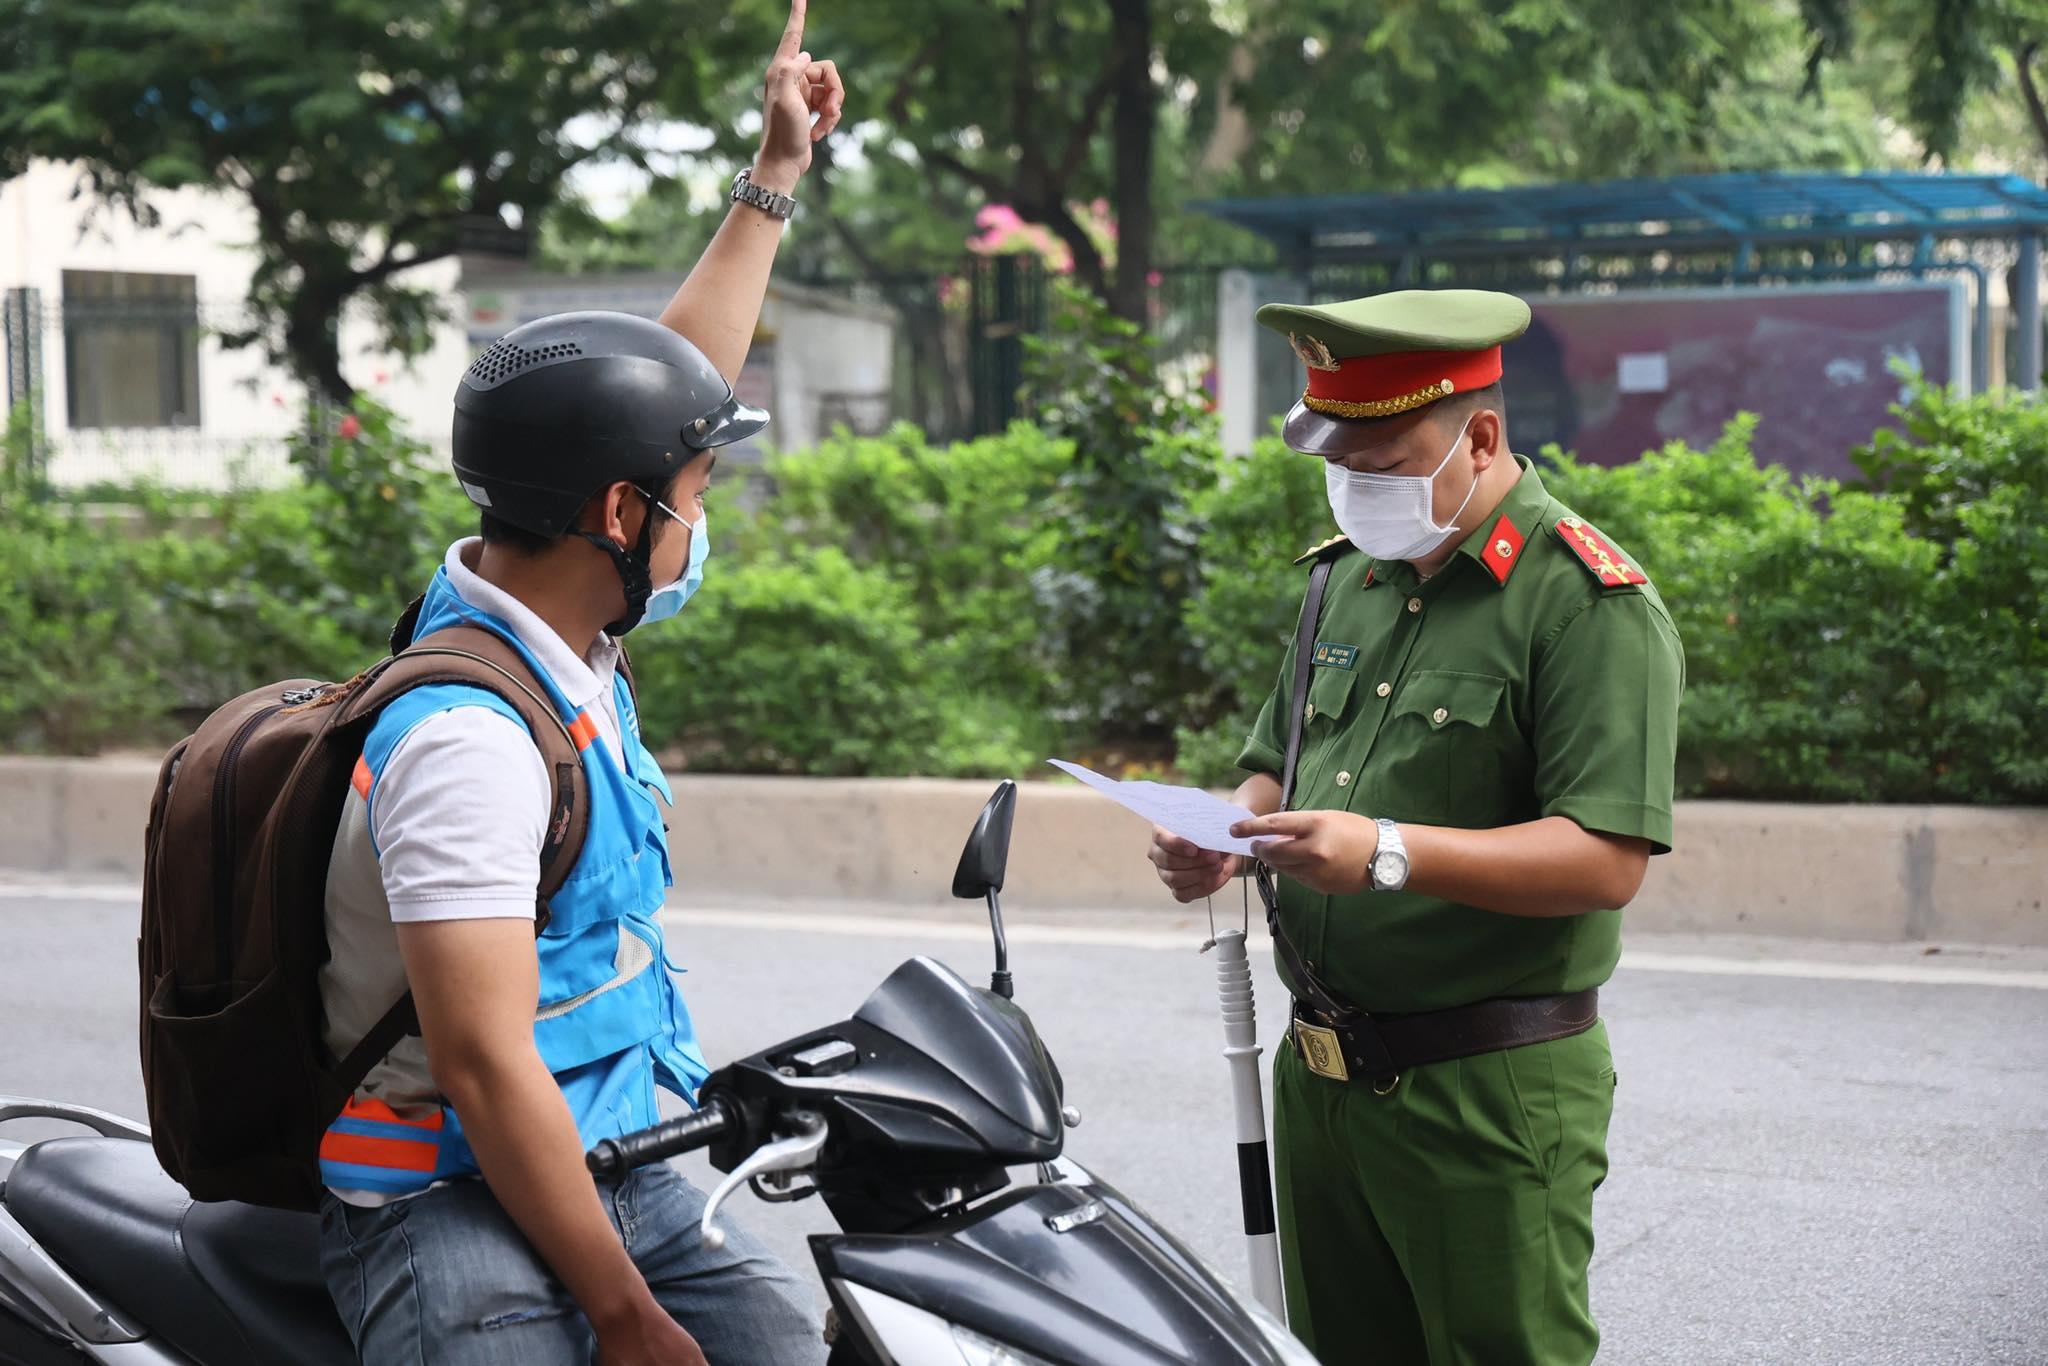 Phó Chủ tịch TP.Hà Nội lý giải việc thành phố siết chặt kiểm soát giấy đi đường - 1